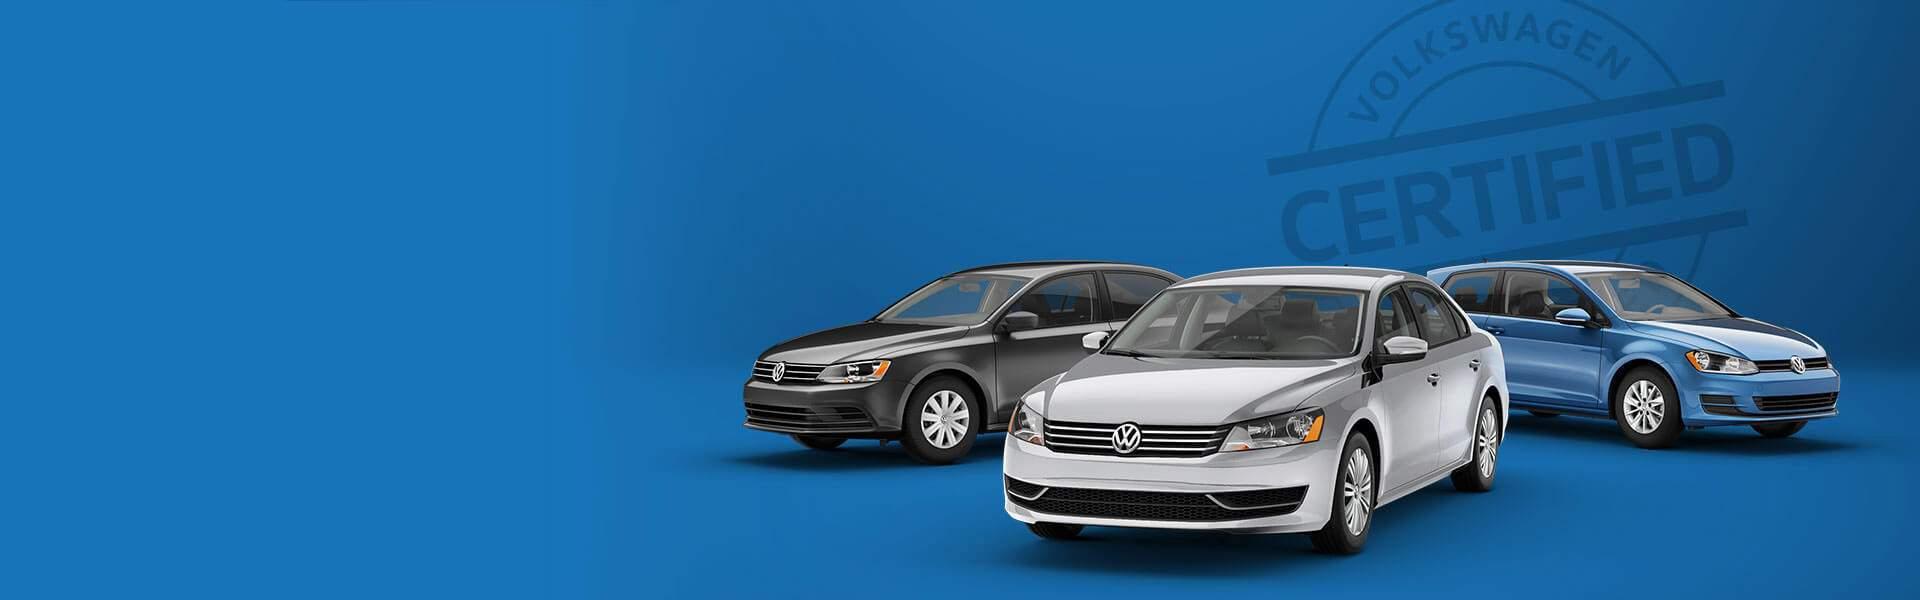 Volkswagen Certified Pre-Owned in Ontario, CA